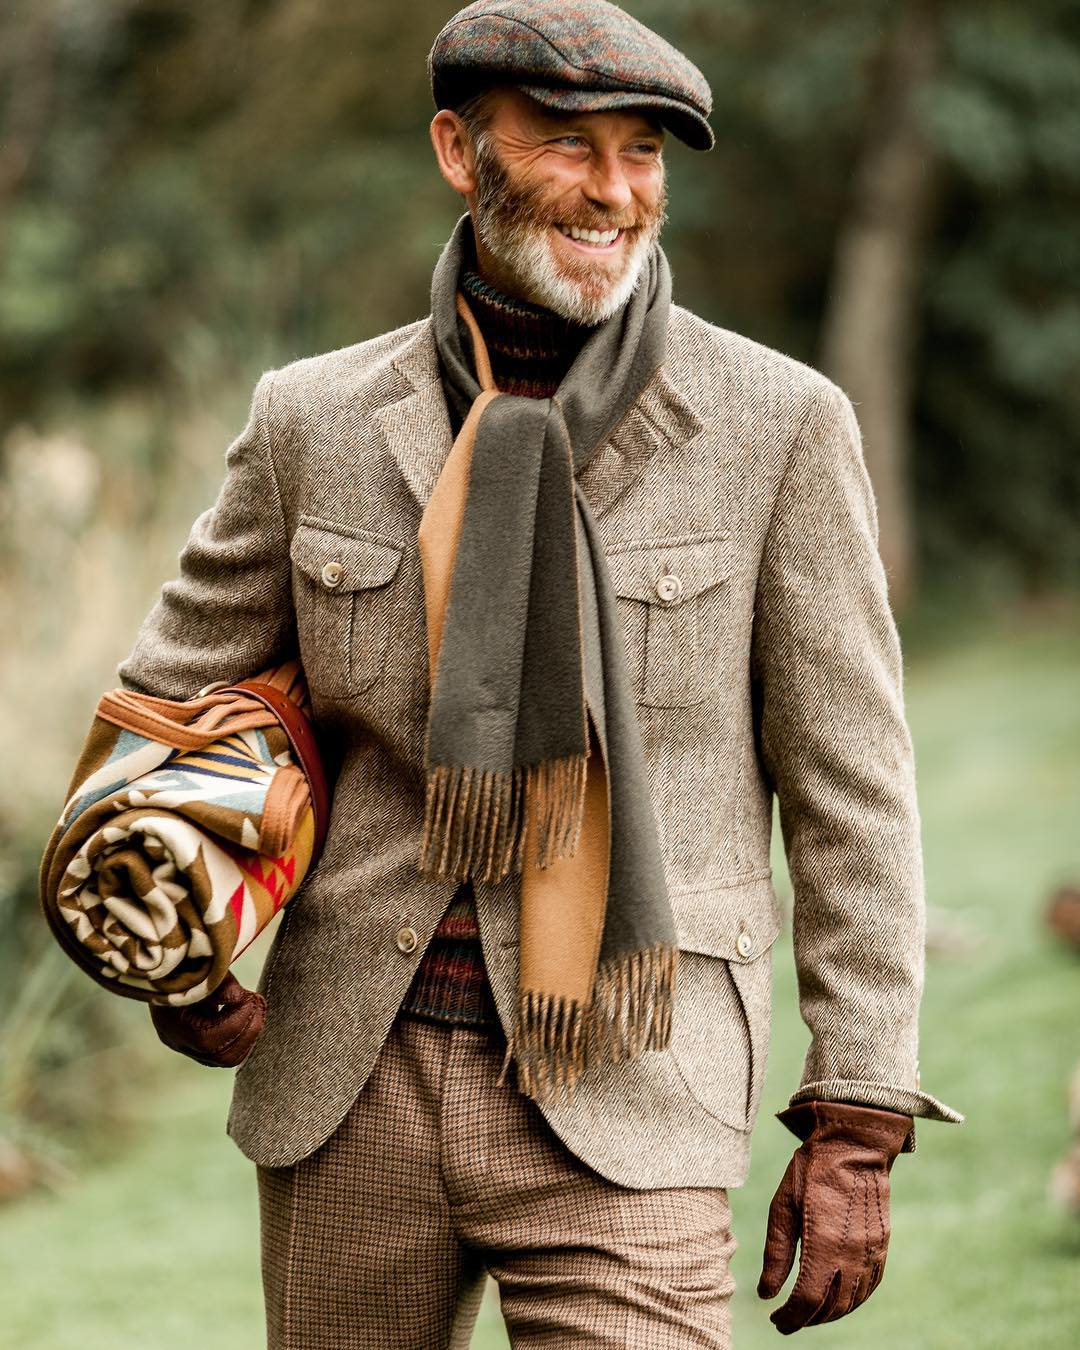 欧美西装男 450G全羊毛粗花呢阿美咔叽外套欧美复古潮男猎装多袋立领西装夹克_推荐淘宝好看的欧美西装男